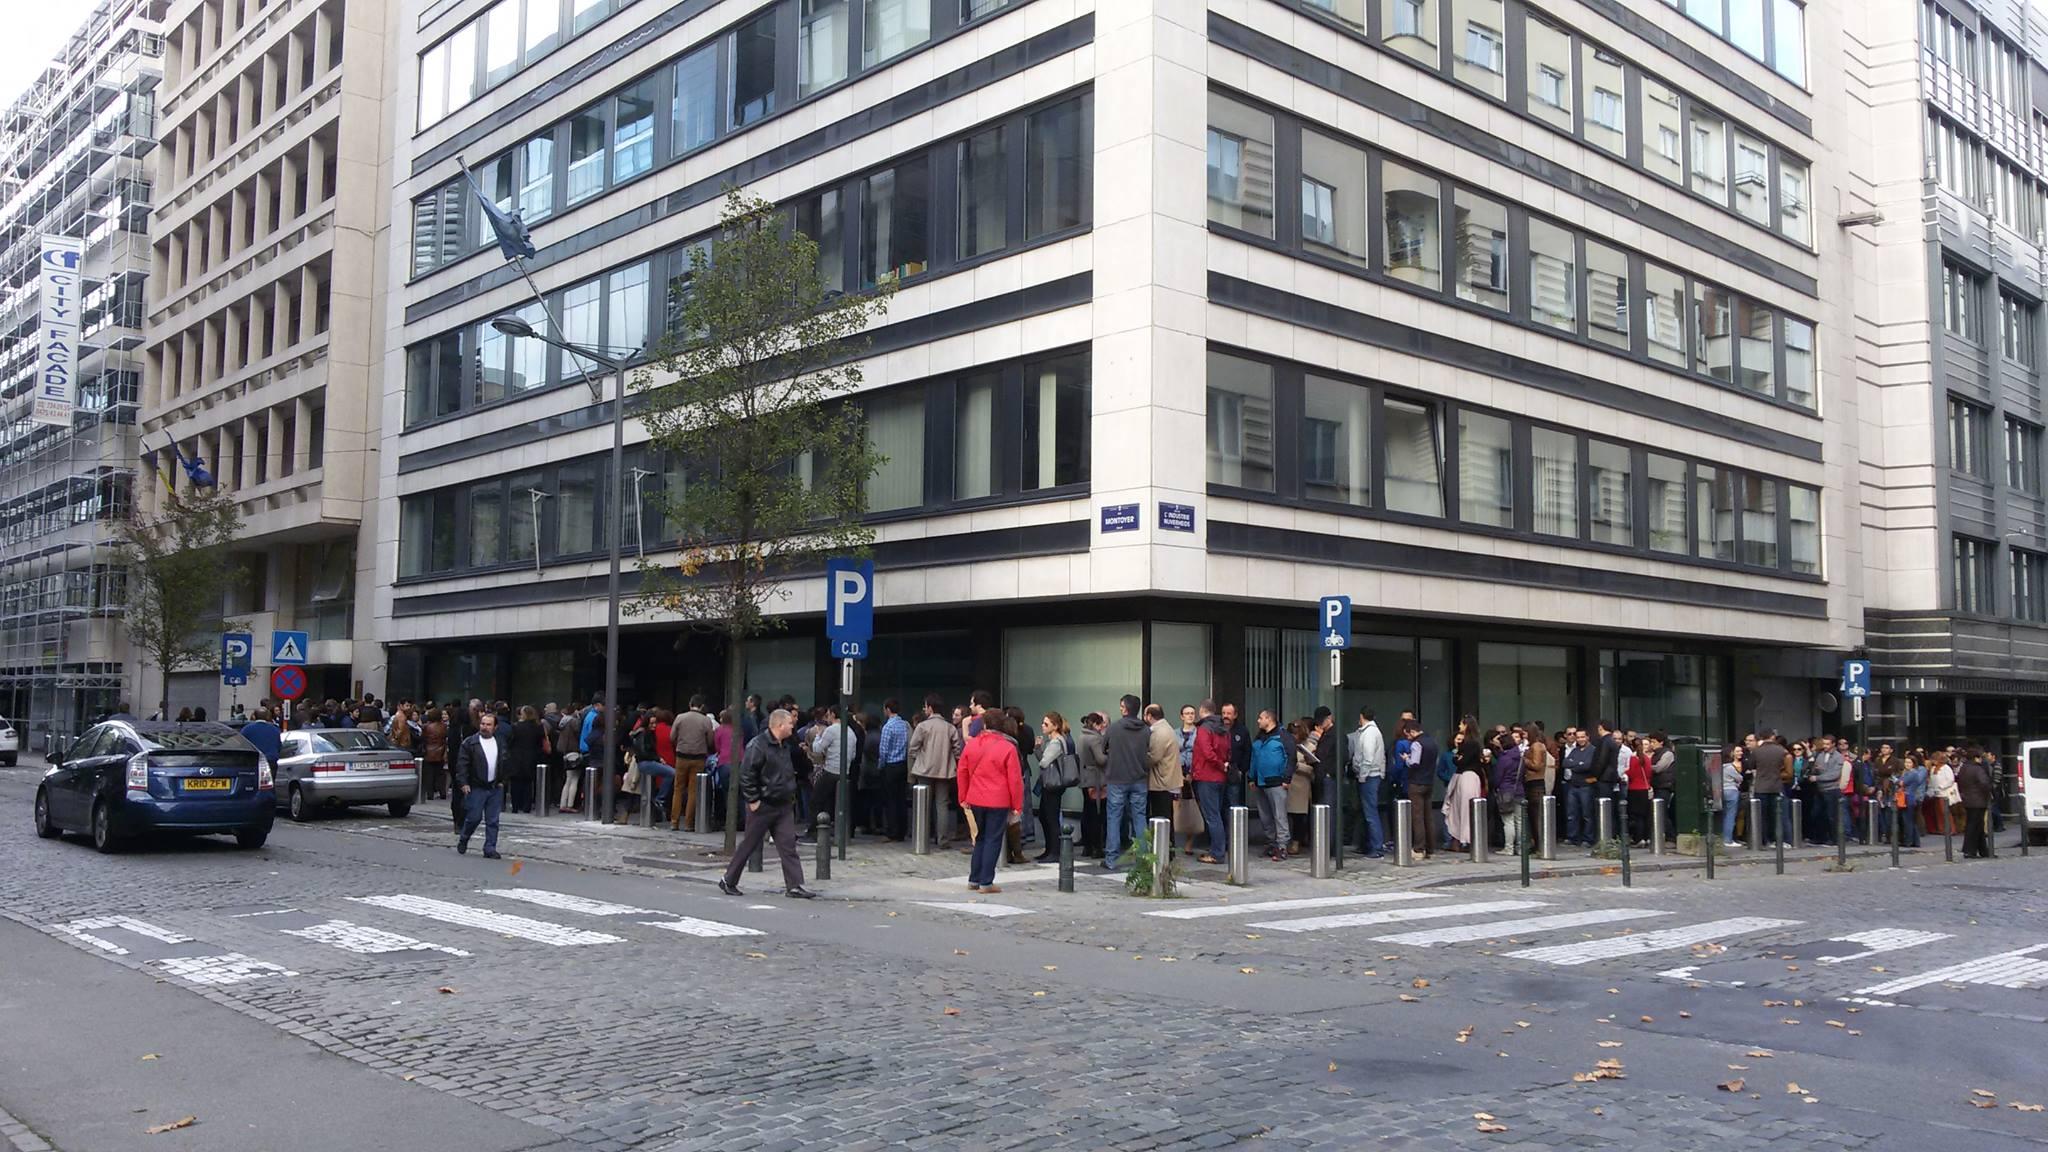 Mobilizare generală în Diasporă. Cozi de zeci de metri la Munchen, Paris, Valencia, Londra sau Chișinău